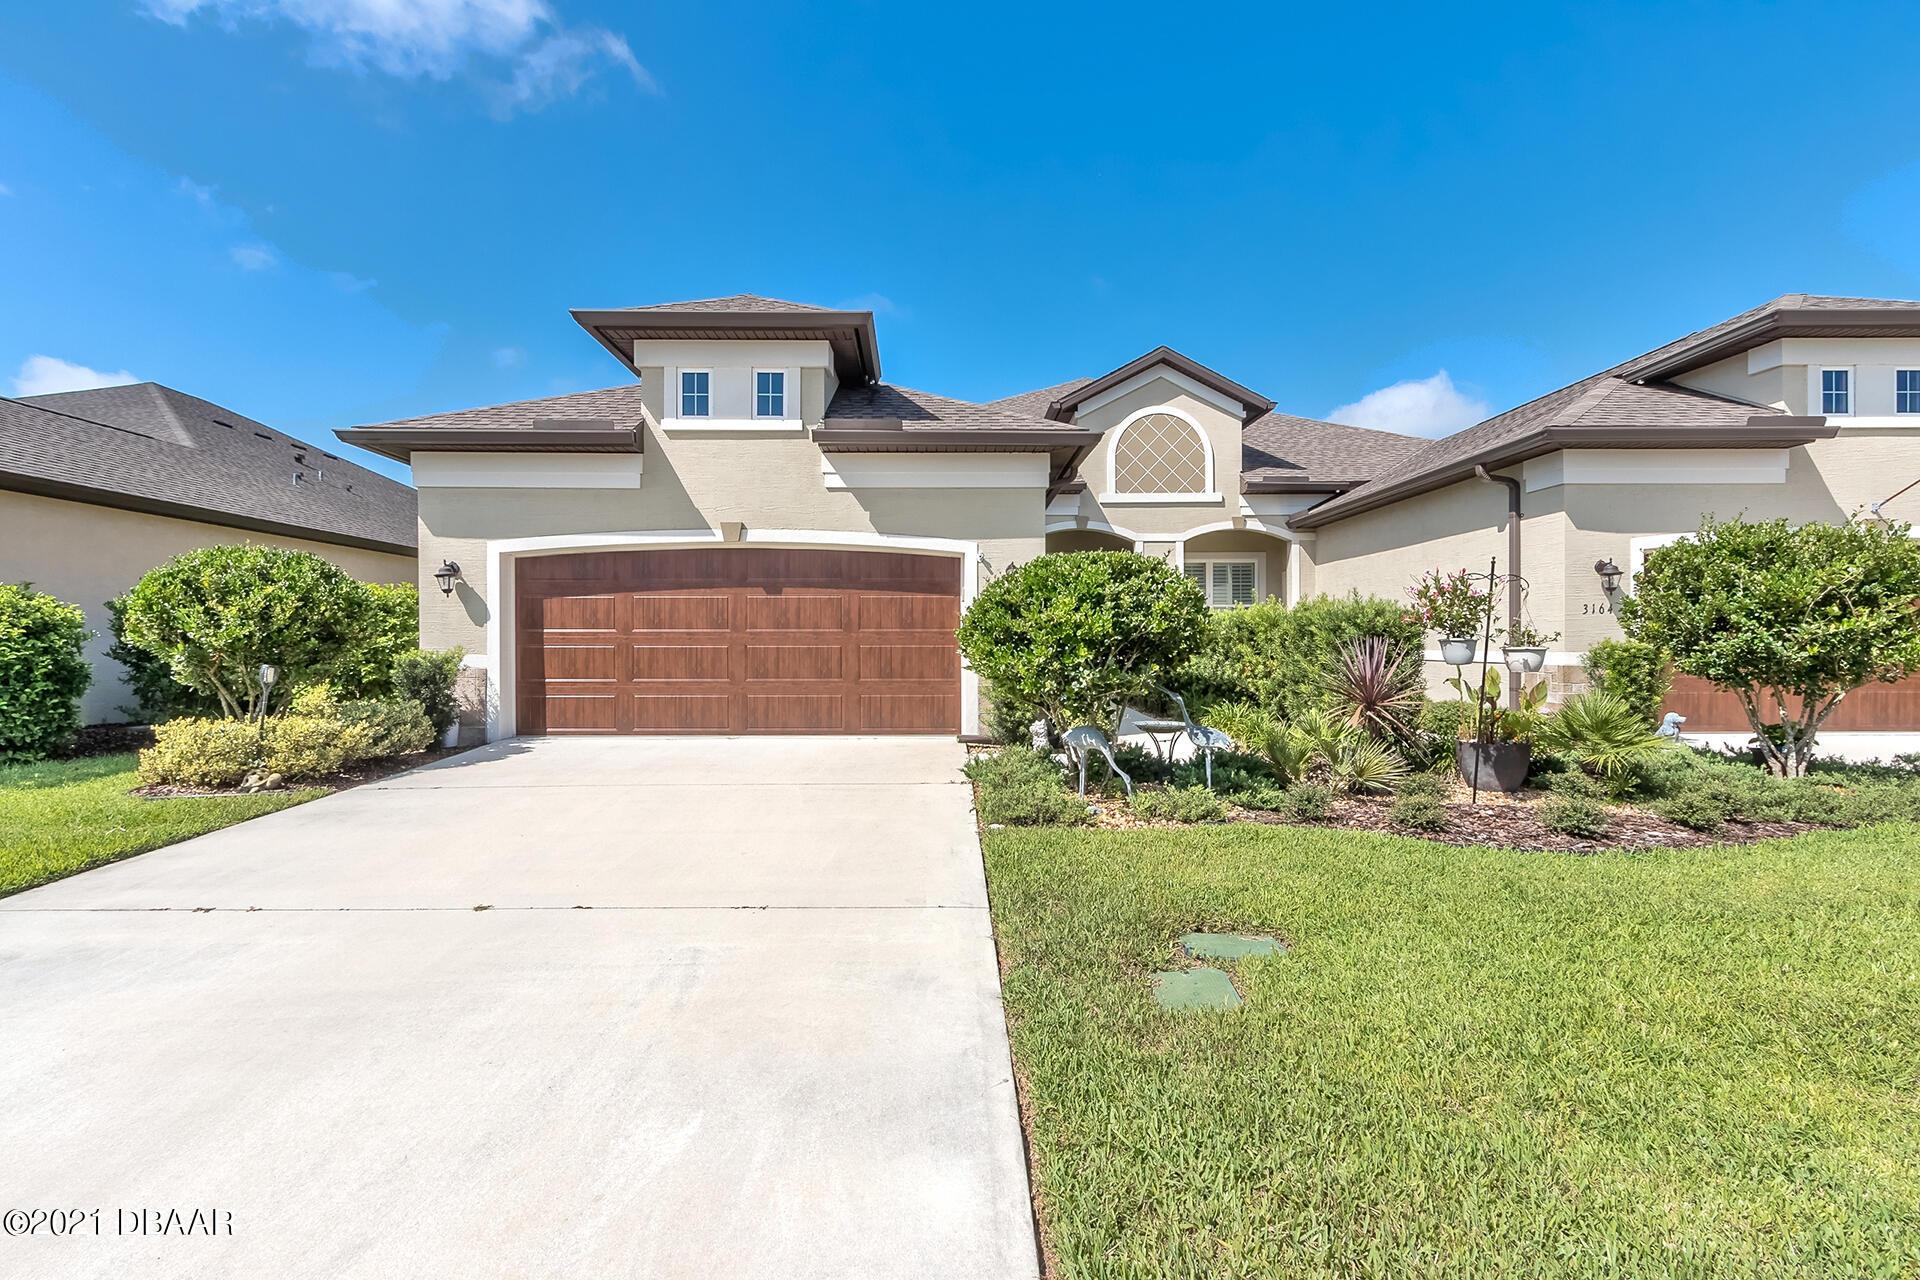 Photo of 3160 Bailey Ann Drive, Ormond Beach, FL 32174